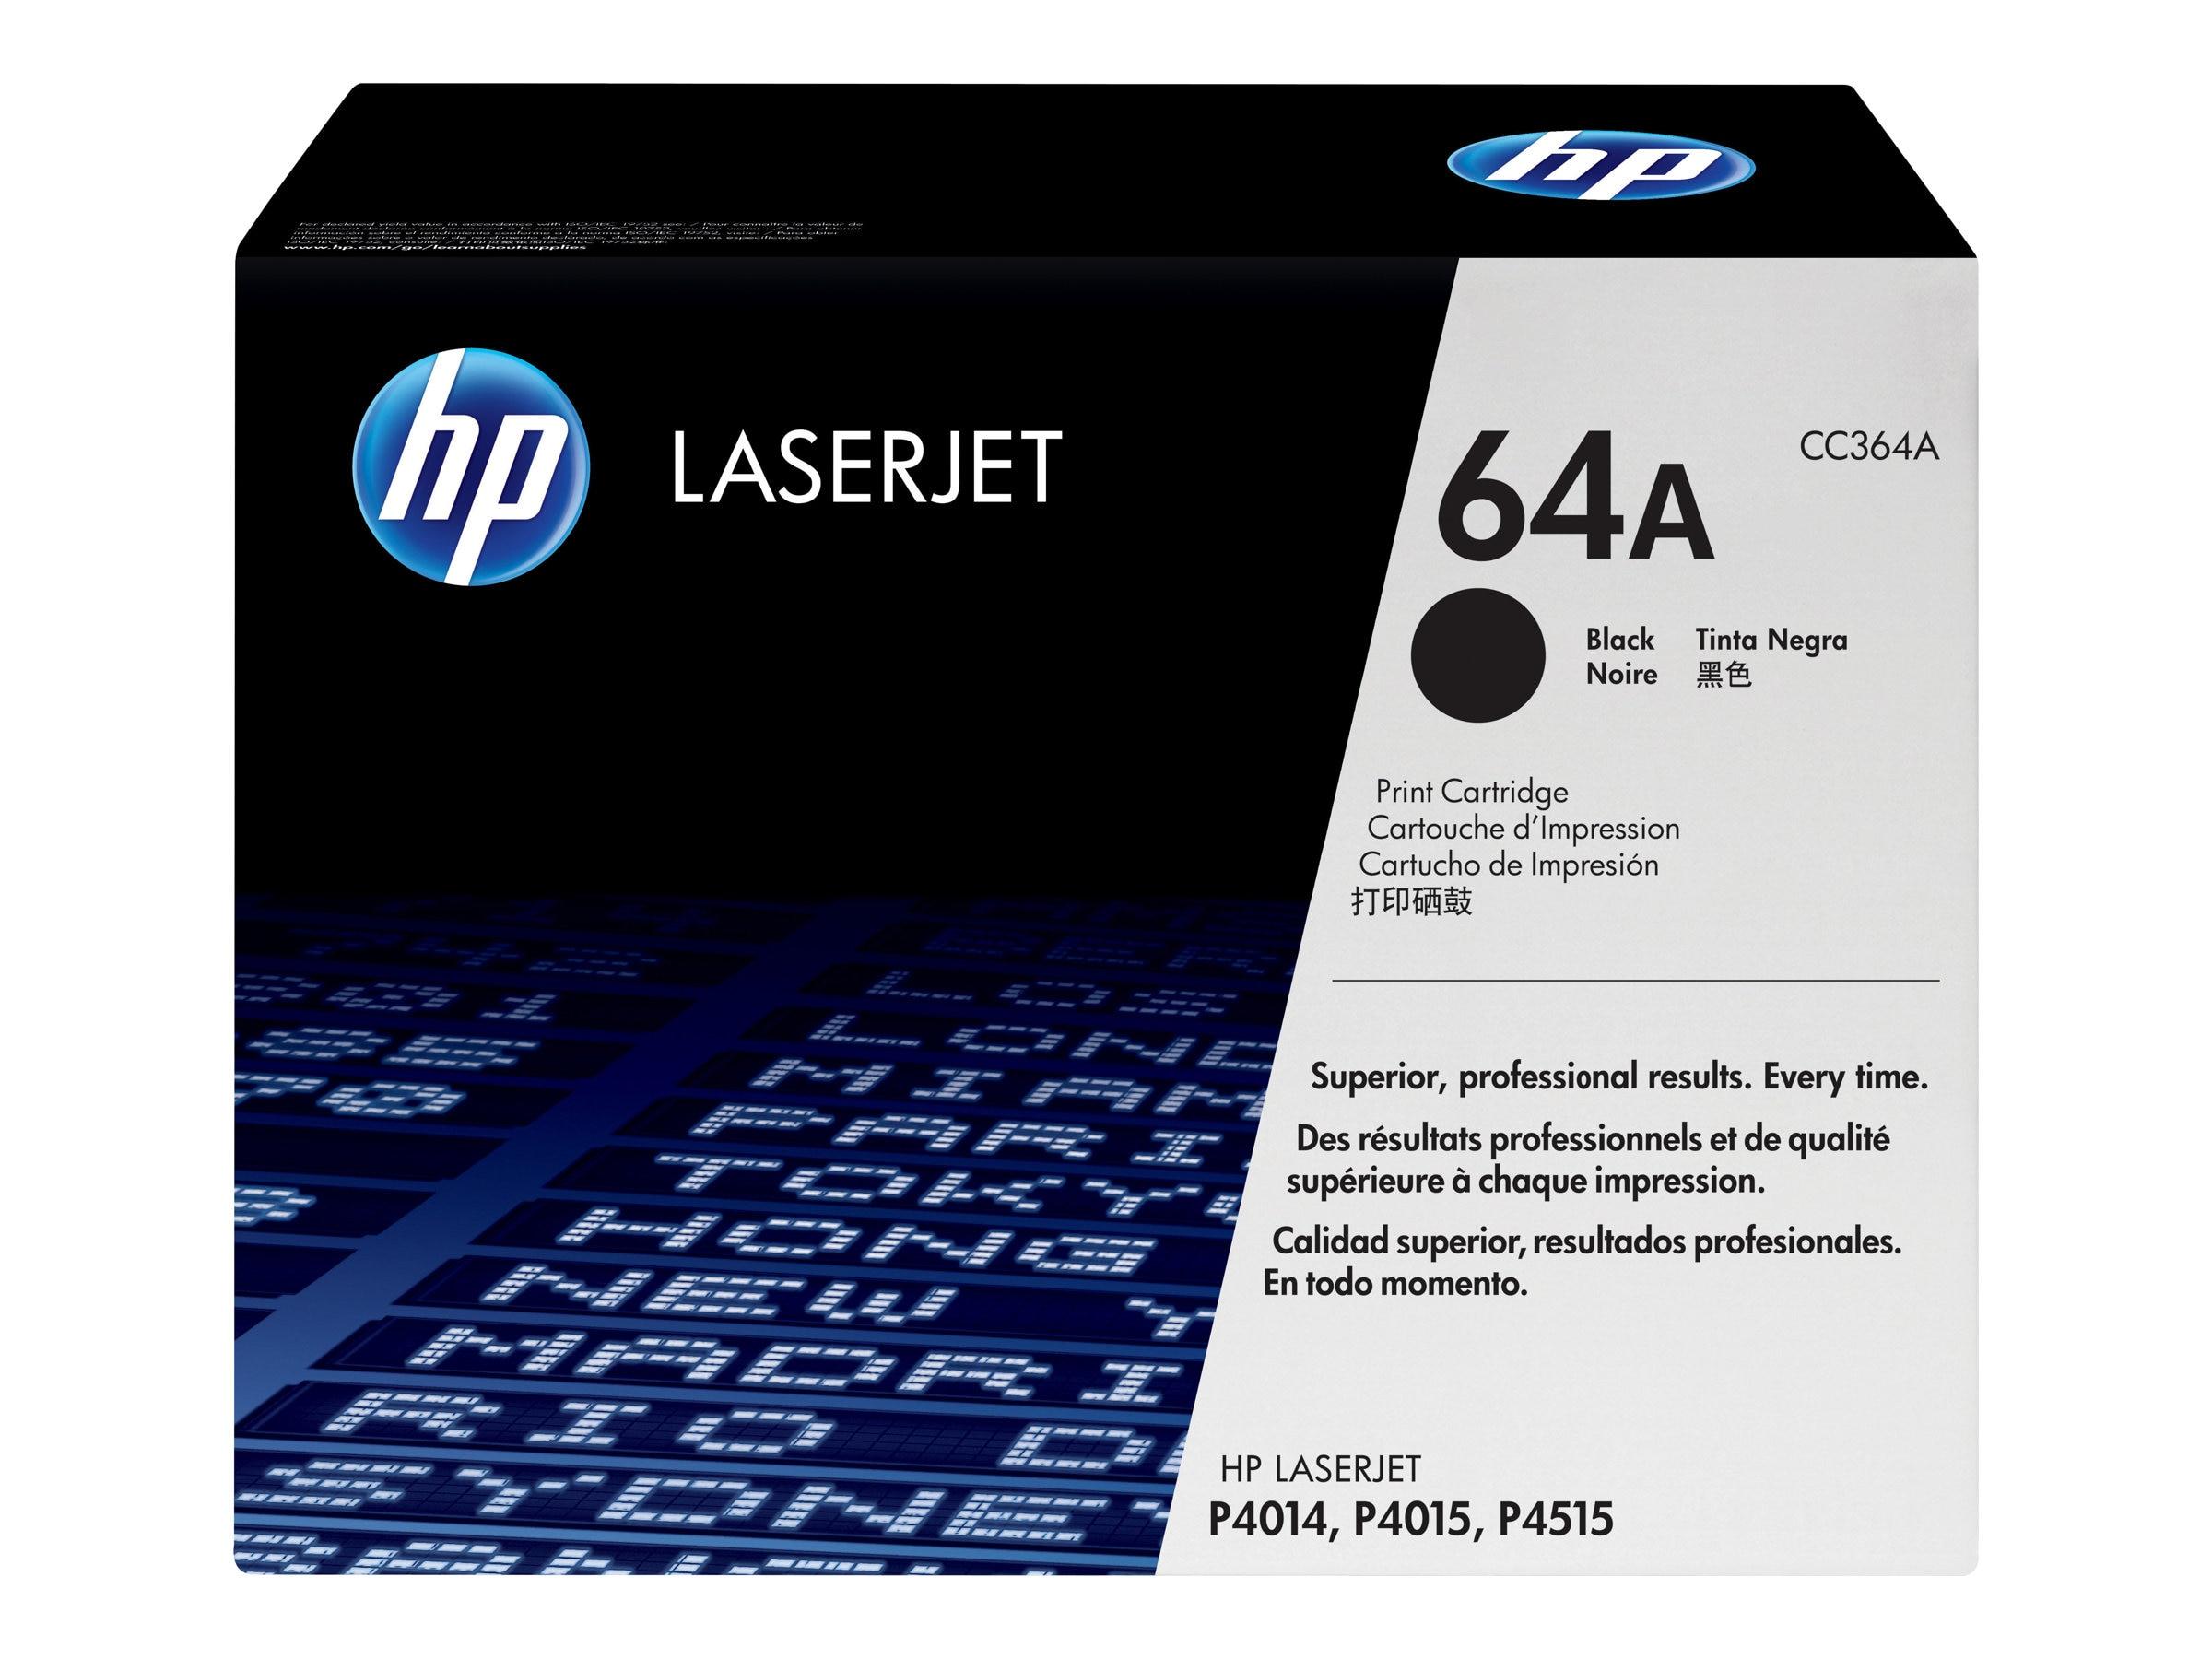 HP 64A (CC364A) Black Original LaserJet Toner Cartridge for HP LaserJet P4015 & P4515 Series, CC364A, 8484661, Toner and Imaging Components